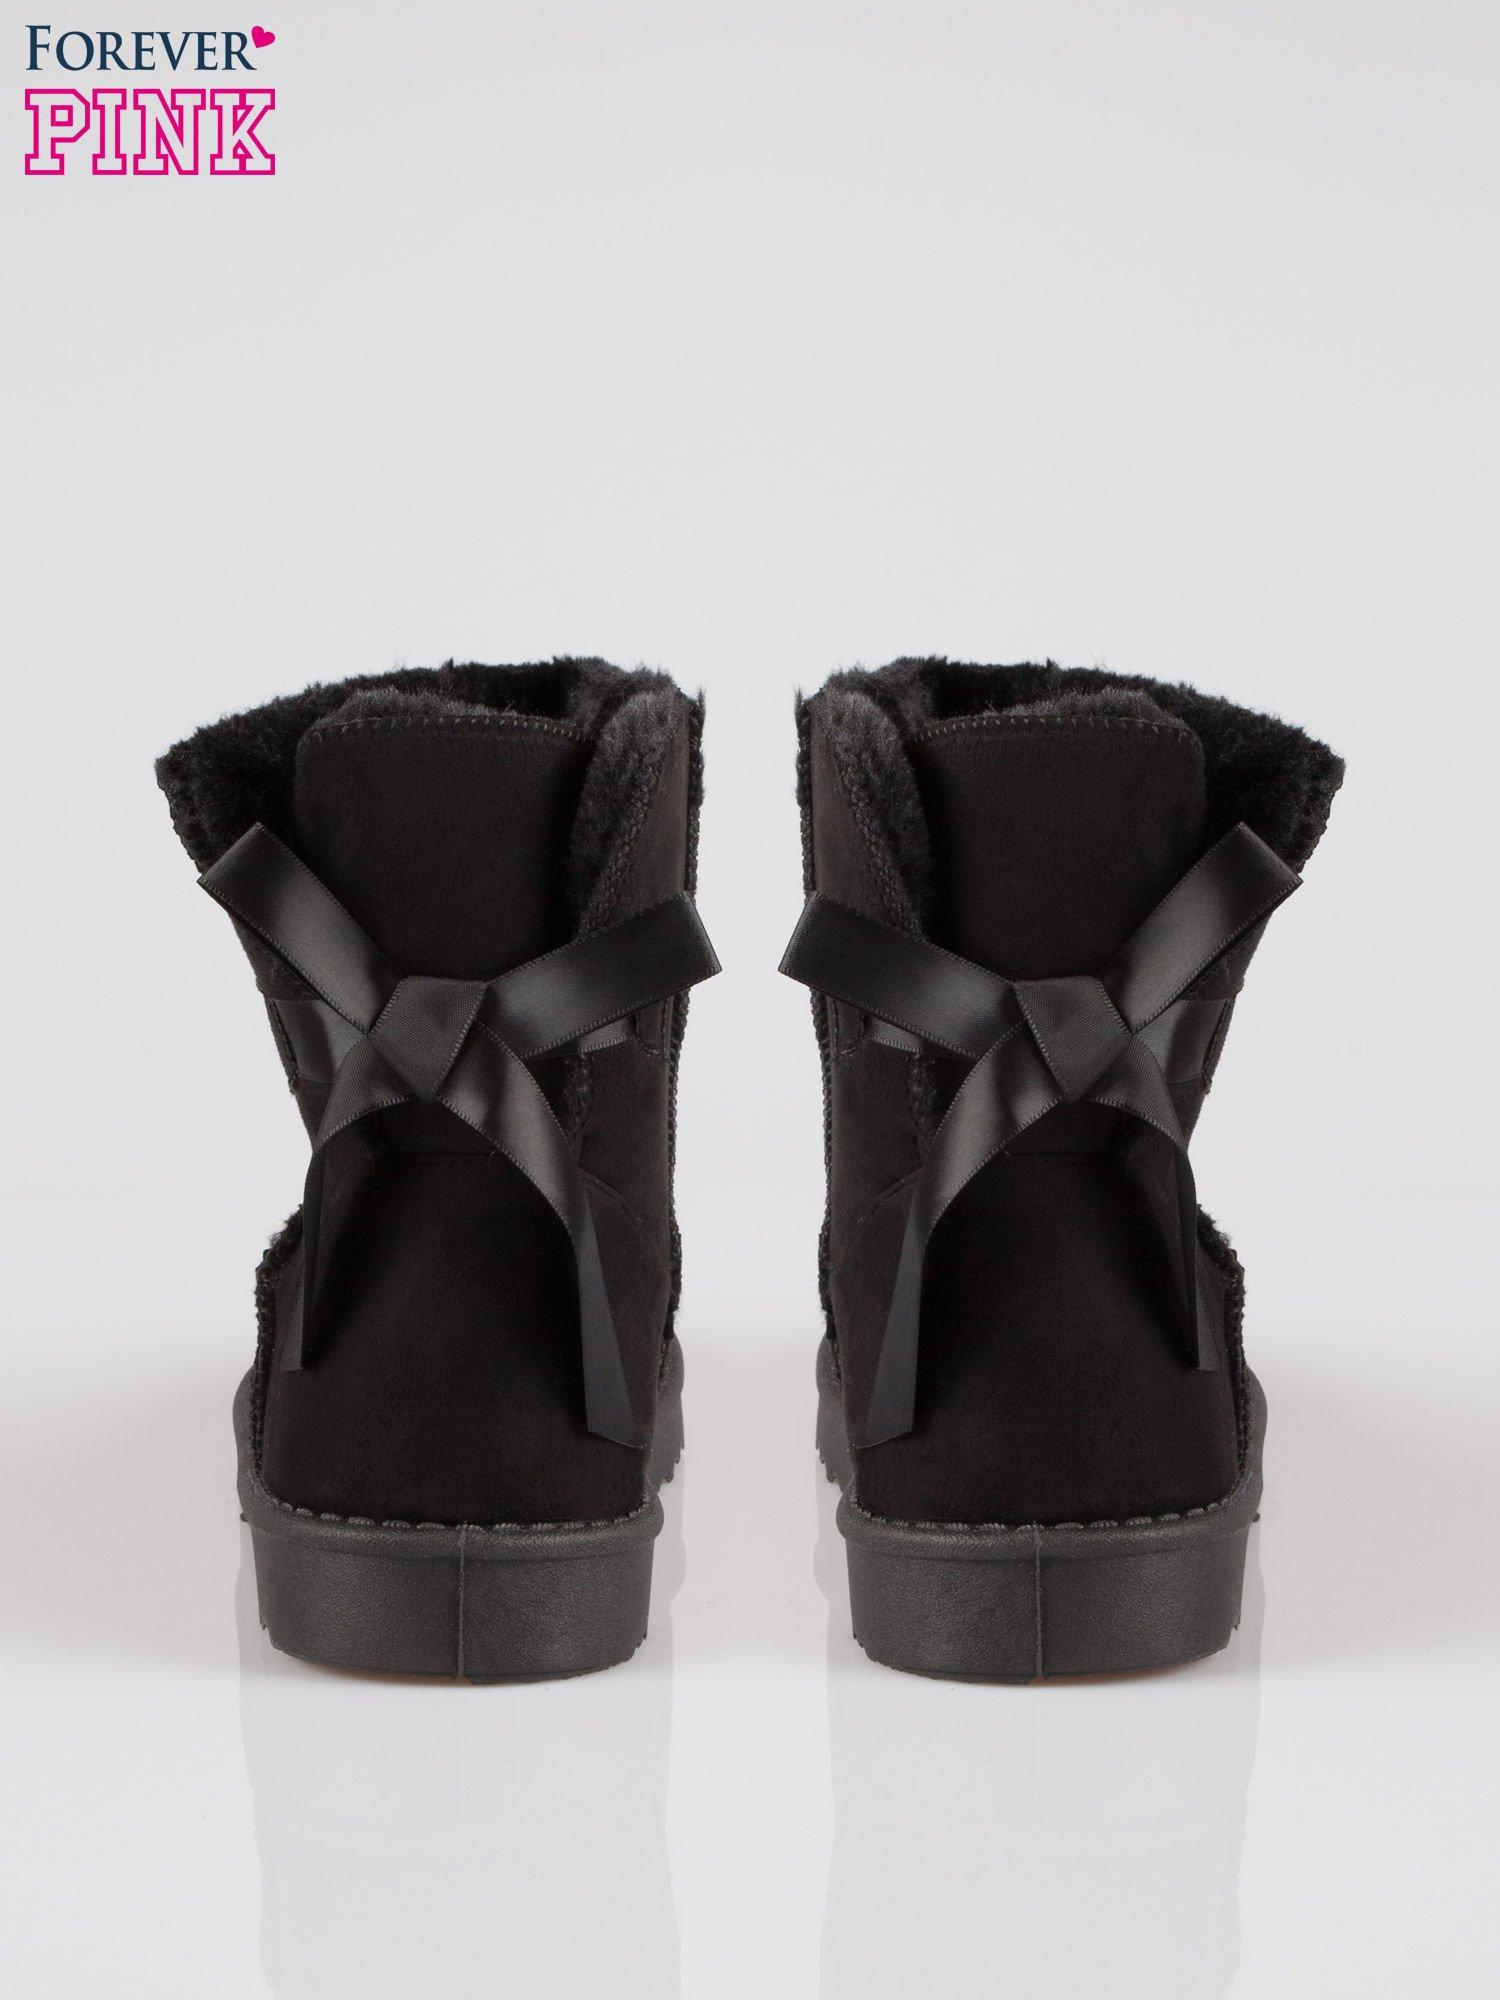 Czarne niskie śniegowce zawiązywane na wstążkę                                  zdj.                                  3